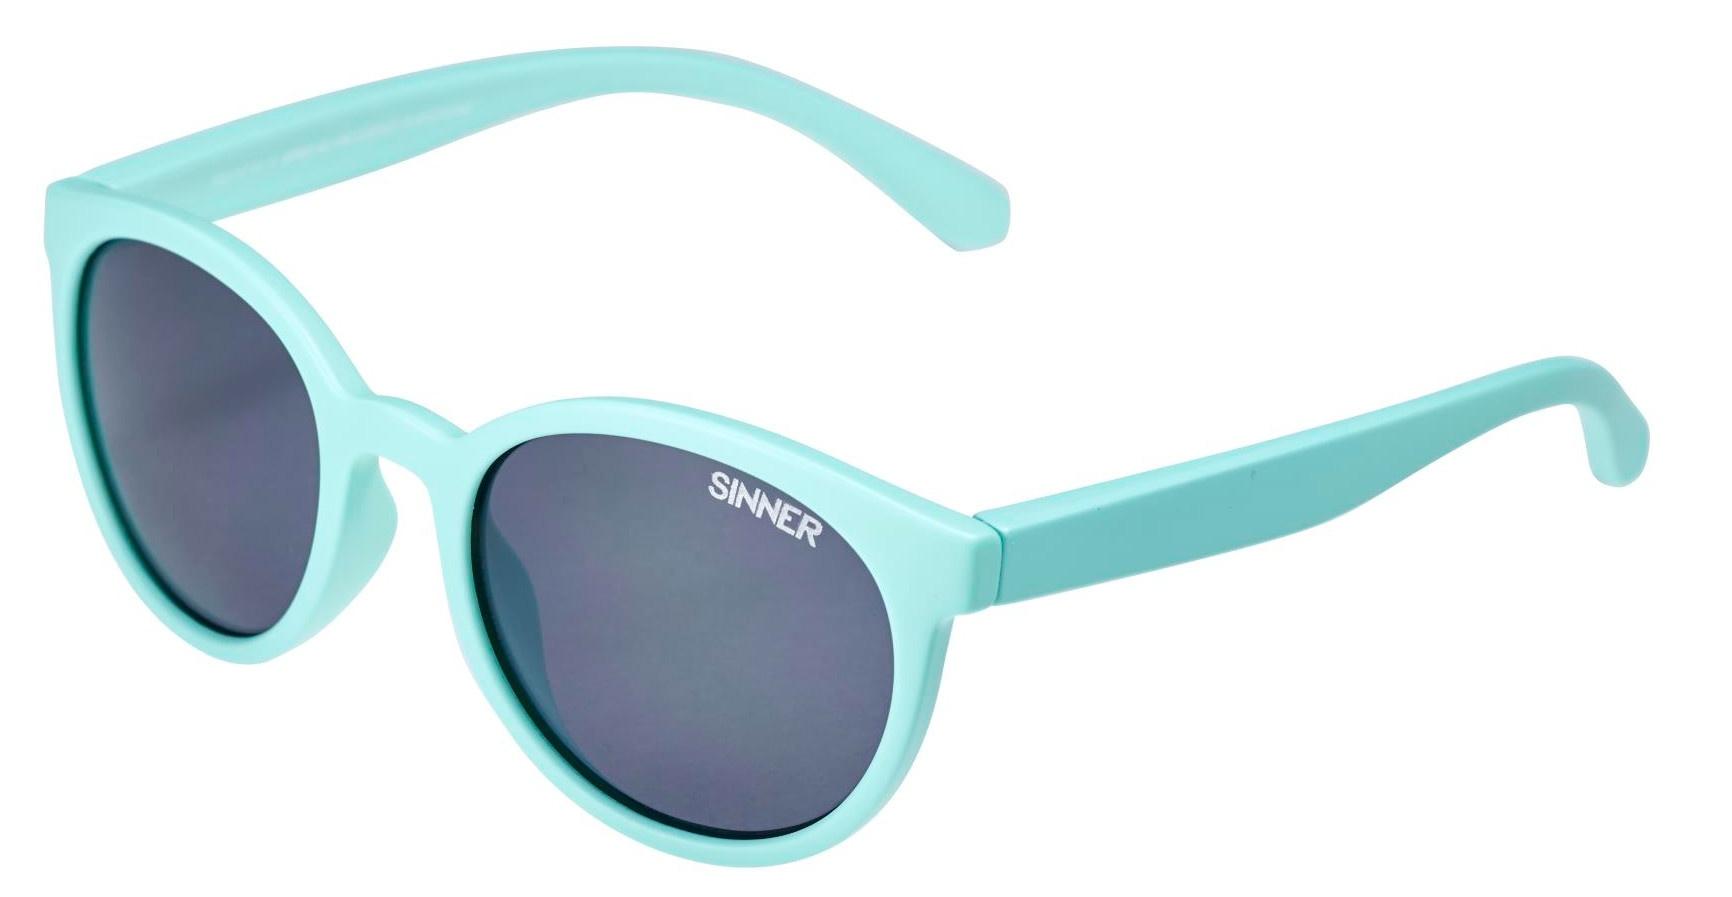 bc2e619adf8c Sinner sunglasses Keciljunior panto light blue/smoke - Internet-Toys